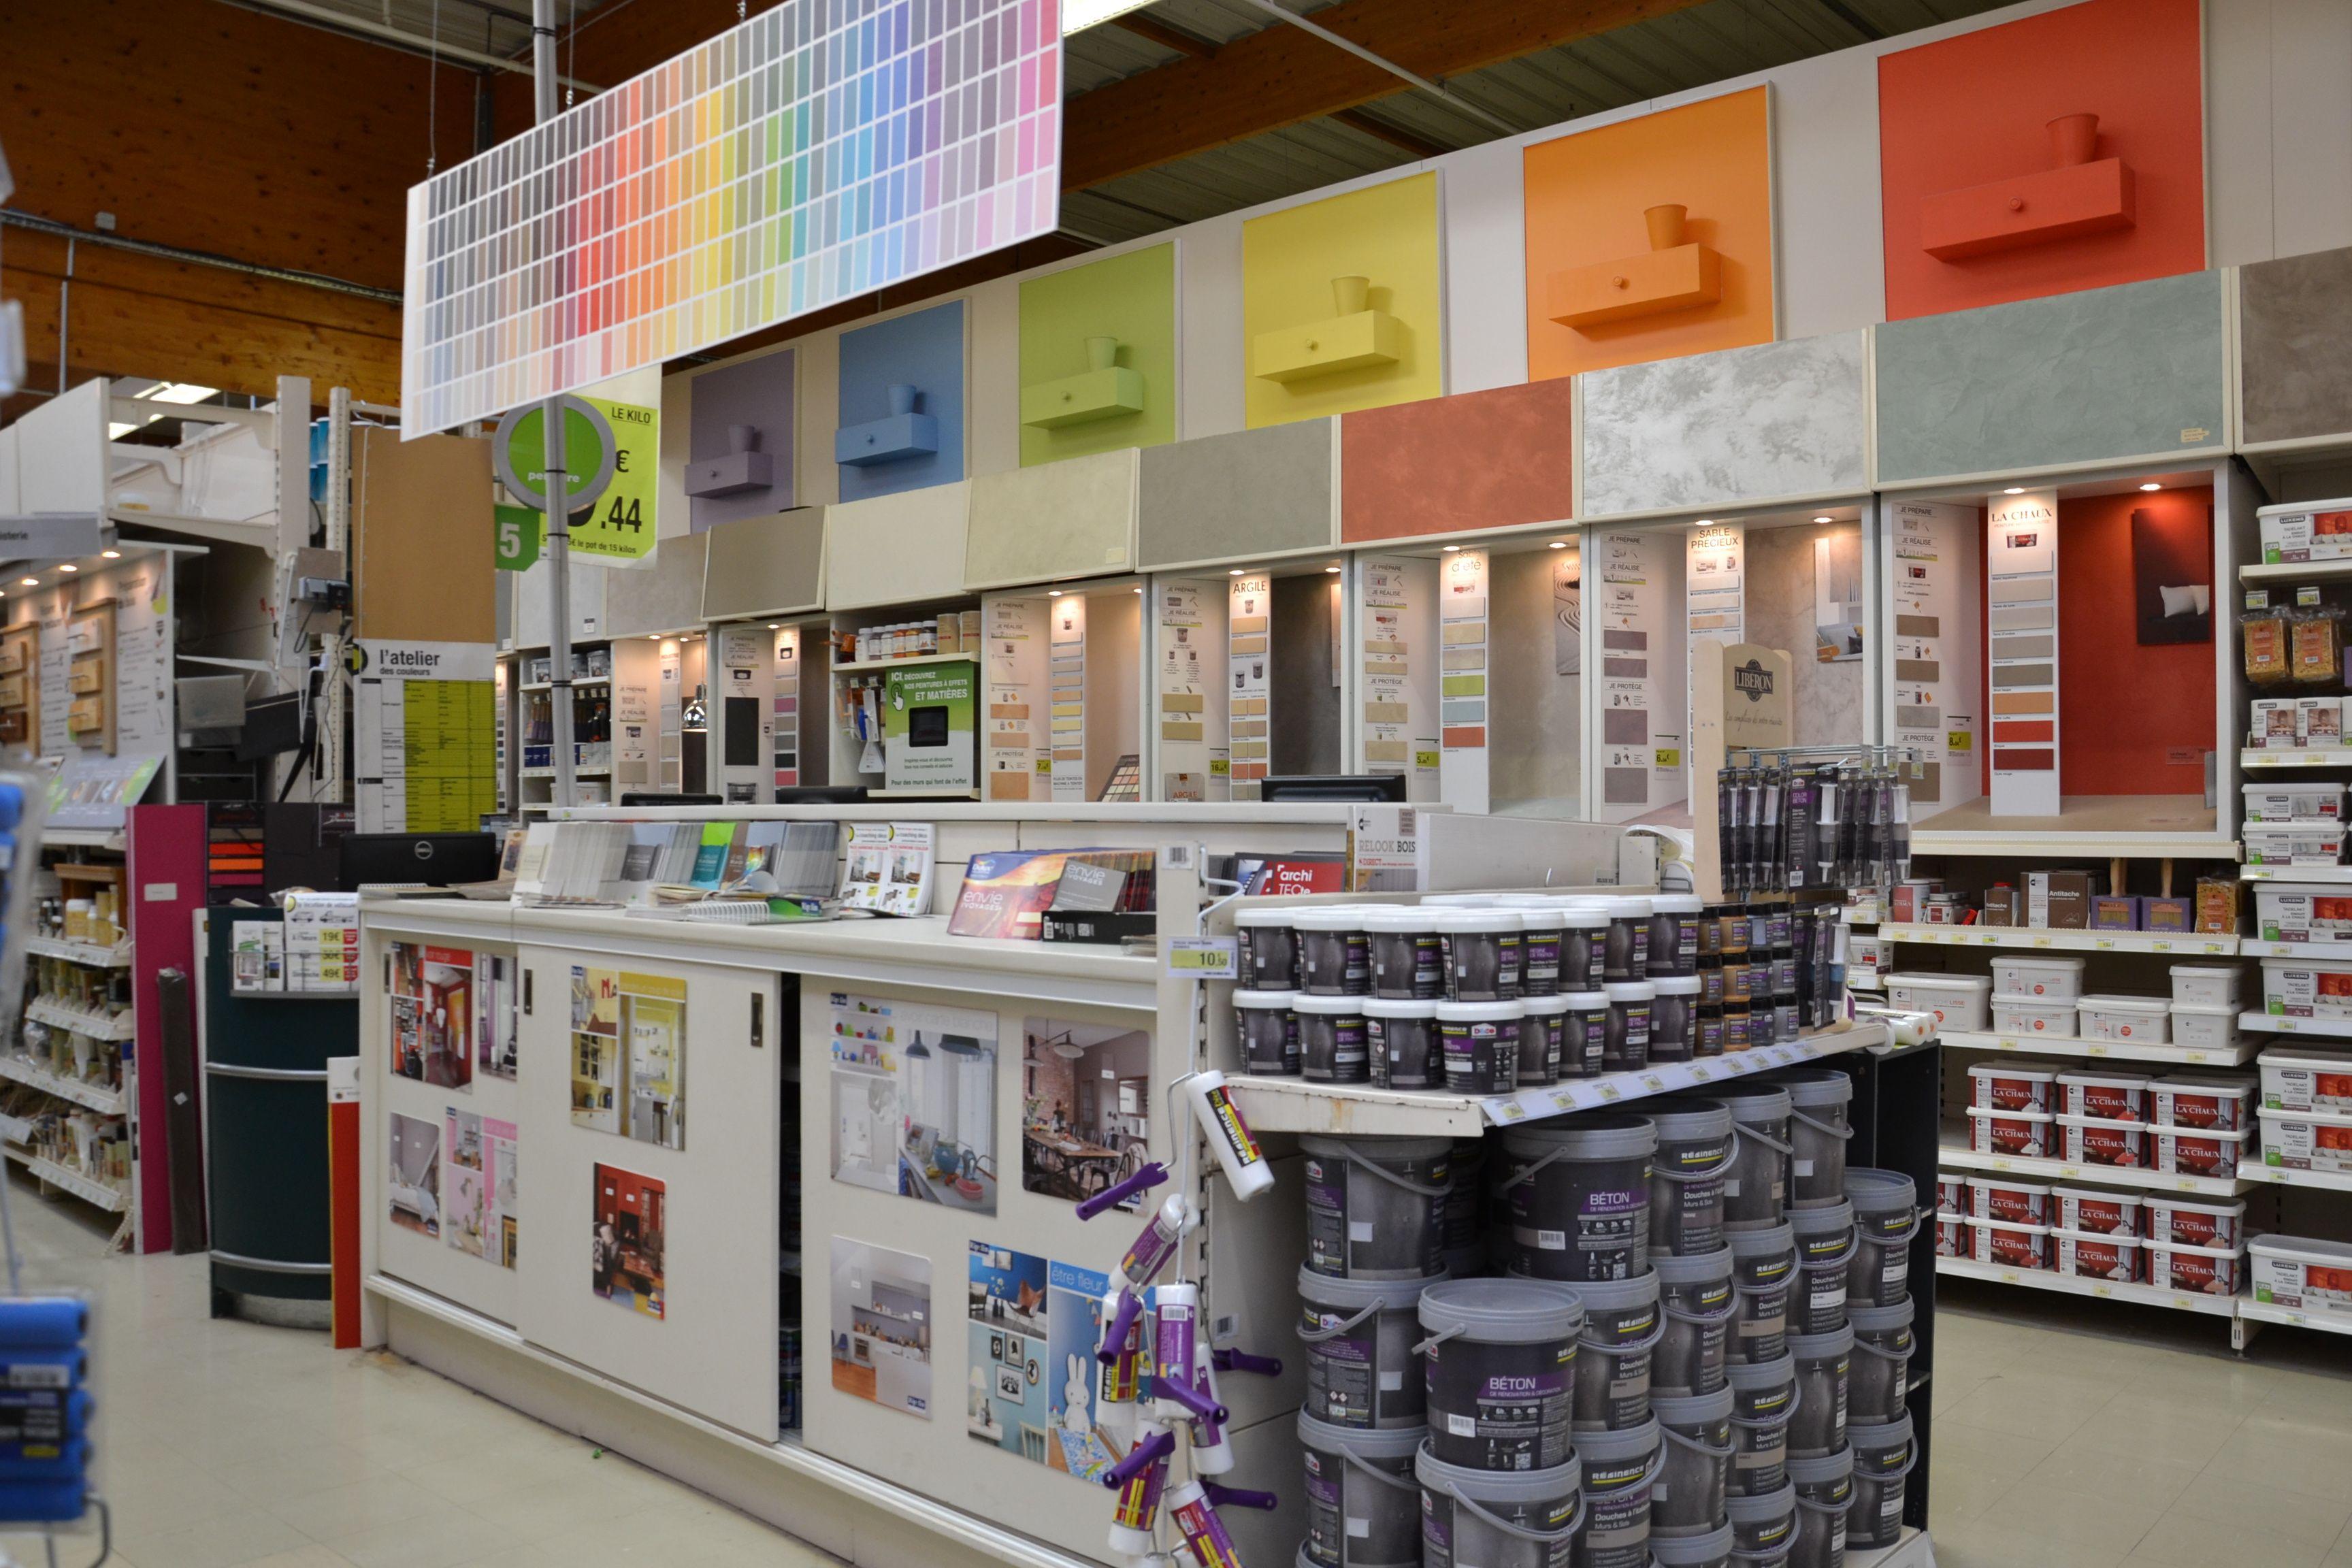 #peinture #couleur #rayon #equipe #magasin #leroymerlintrignac #trignac  #loireatlantique #bricolage #catalogue #maison #france